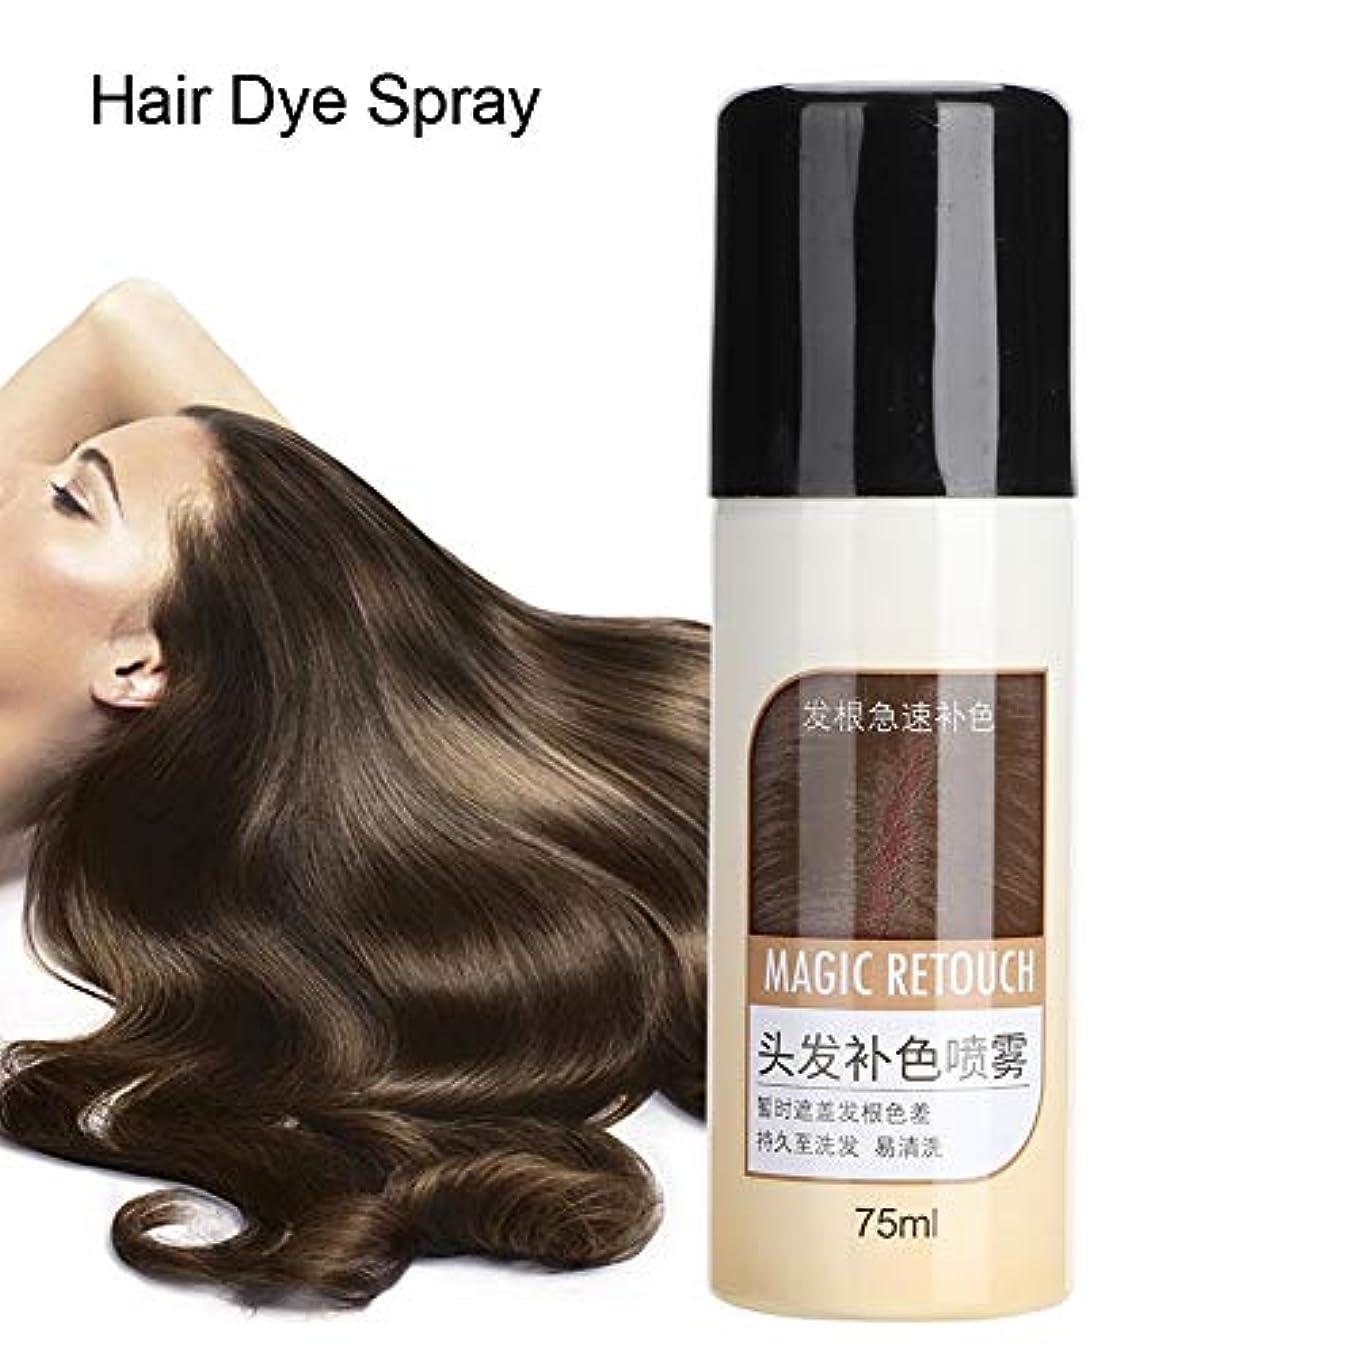 金額相対性理論広告するヘアダイ、べたつかないマットヘアスタイル栄養補給用洗えるスプレーカバー白髪用長続きするカラー染料750ml (#1)